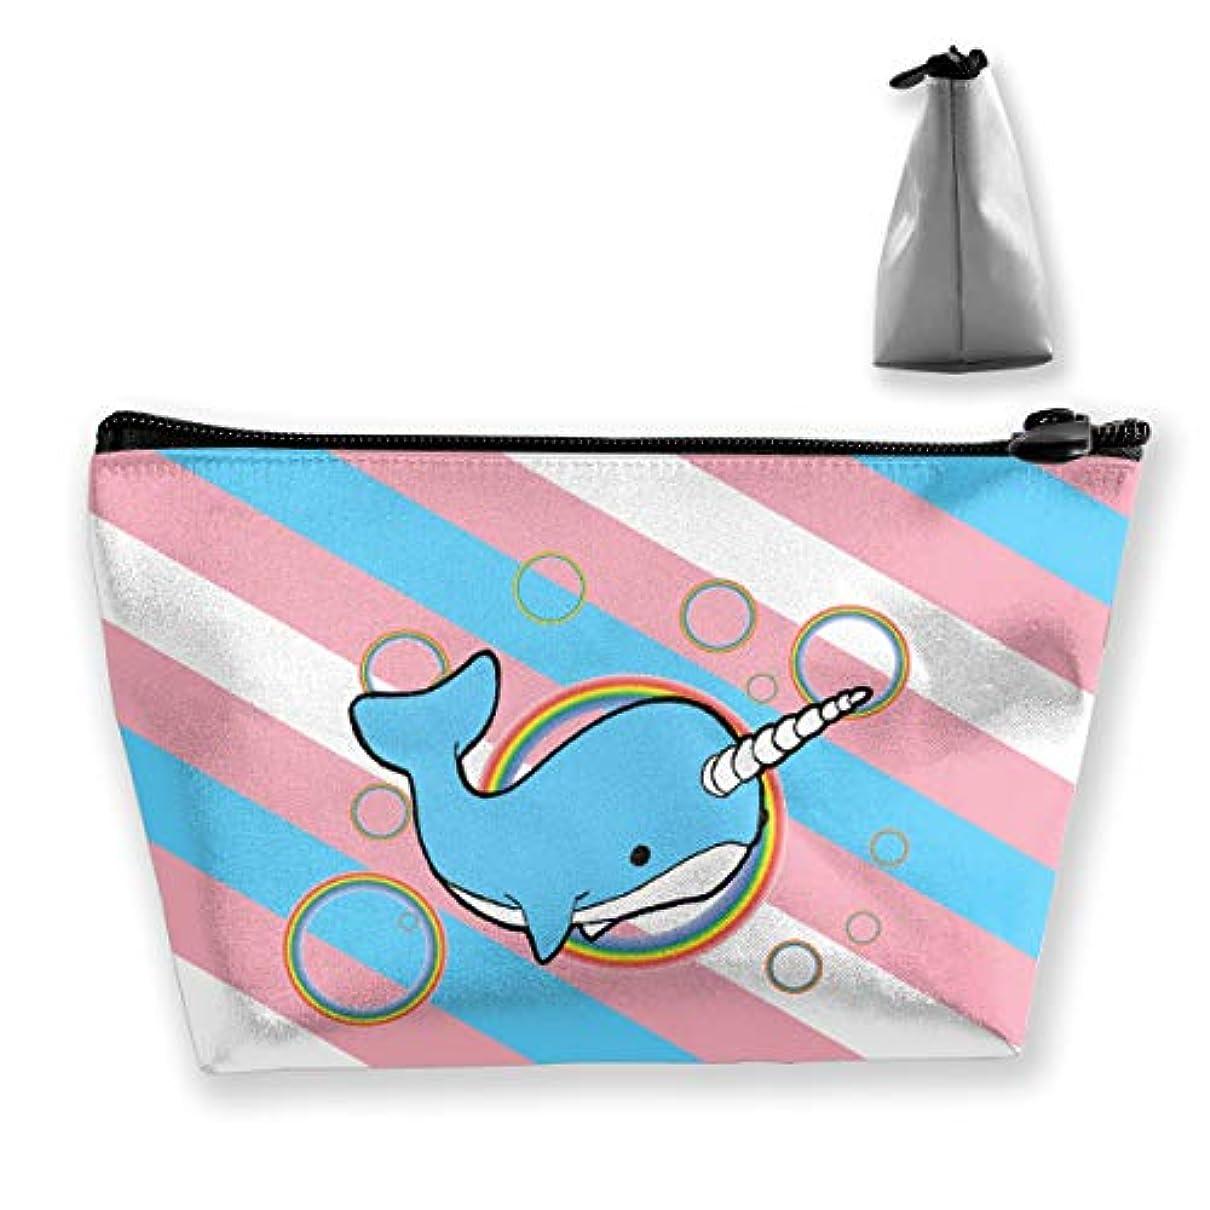 オーケストラコントローラぎこちないSzsgqkj アメリカの旗星と縞模様のトランスジェンダーの旗 イッカクラウンドカラフルなバブル 化粧品袋の携帯用旅行構造の袋の洗面用品の主催者